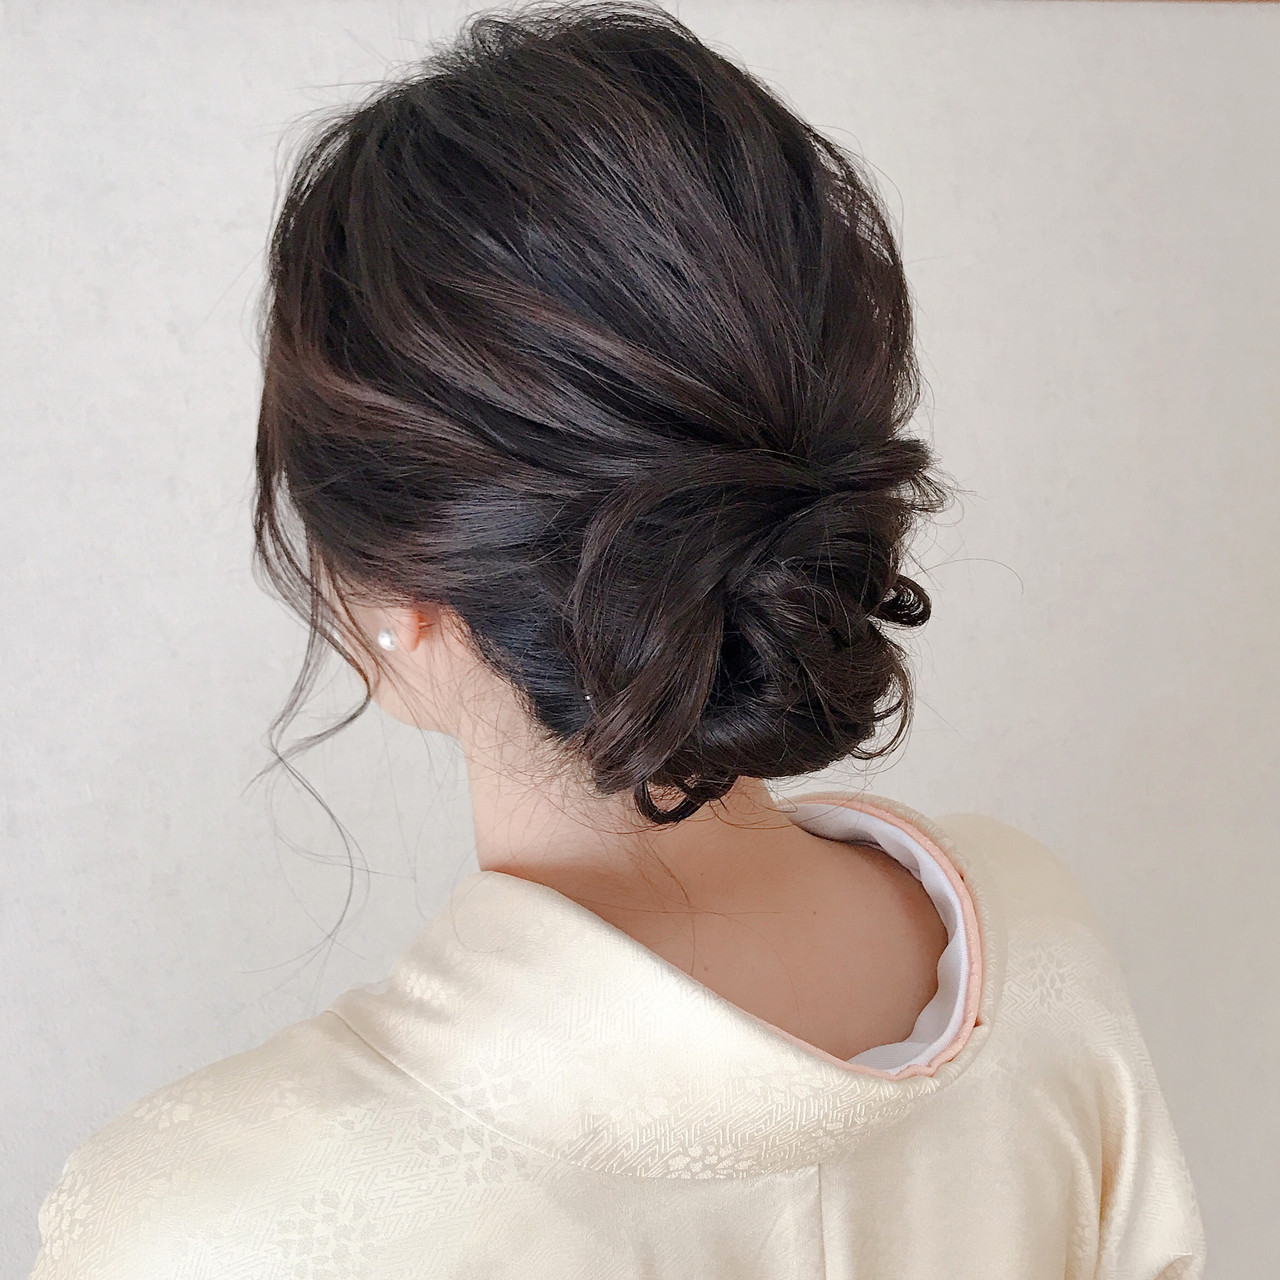 美しさを引き立てる!着物に似合う髪型で華やかに清楚に♡